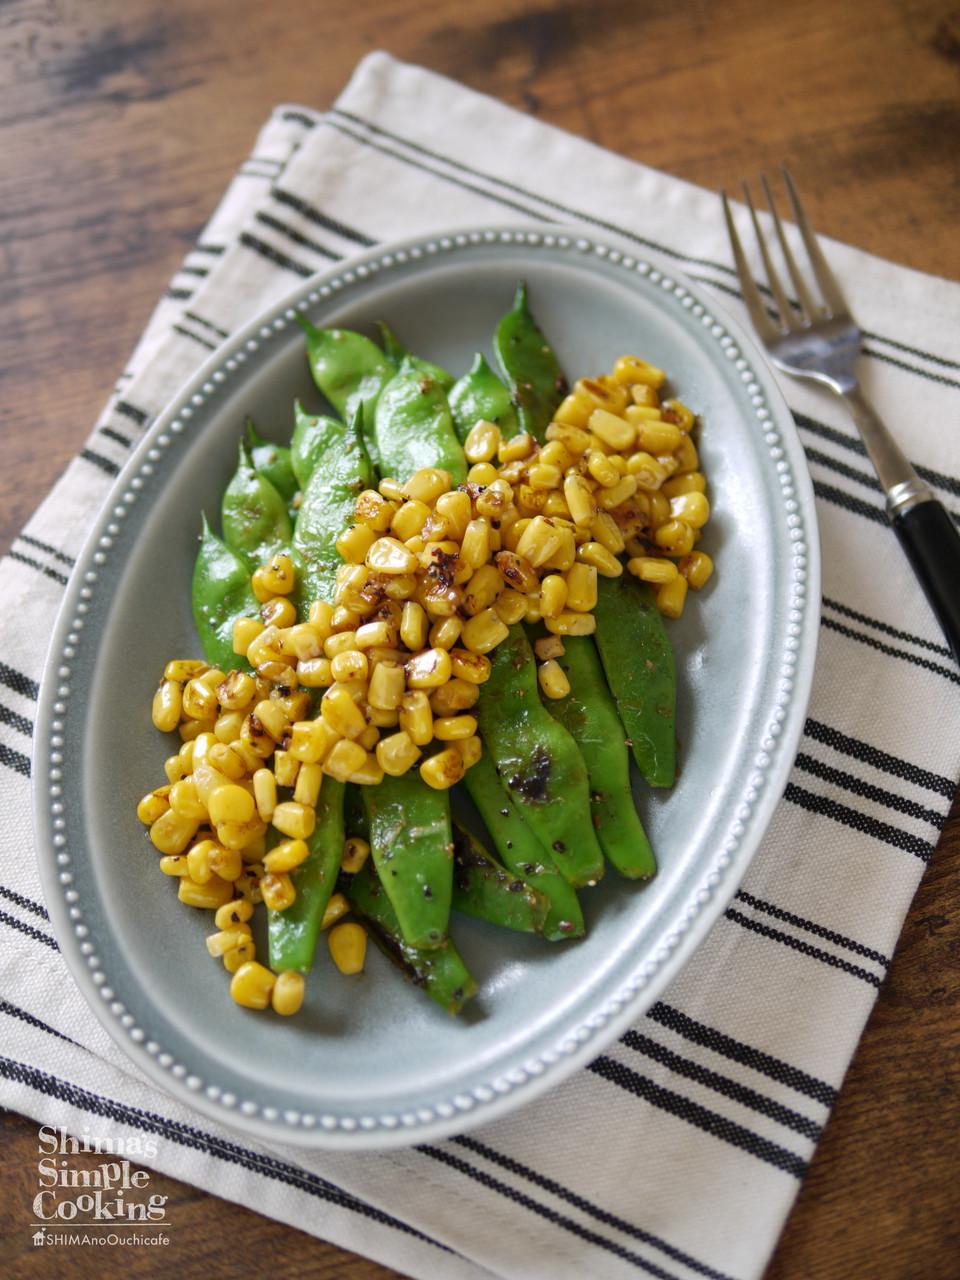 インゲン レシピ モロッコ お箸が止まらない!インゲンを使ったお弁当のおかずのレシピ25選